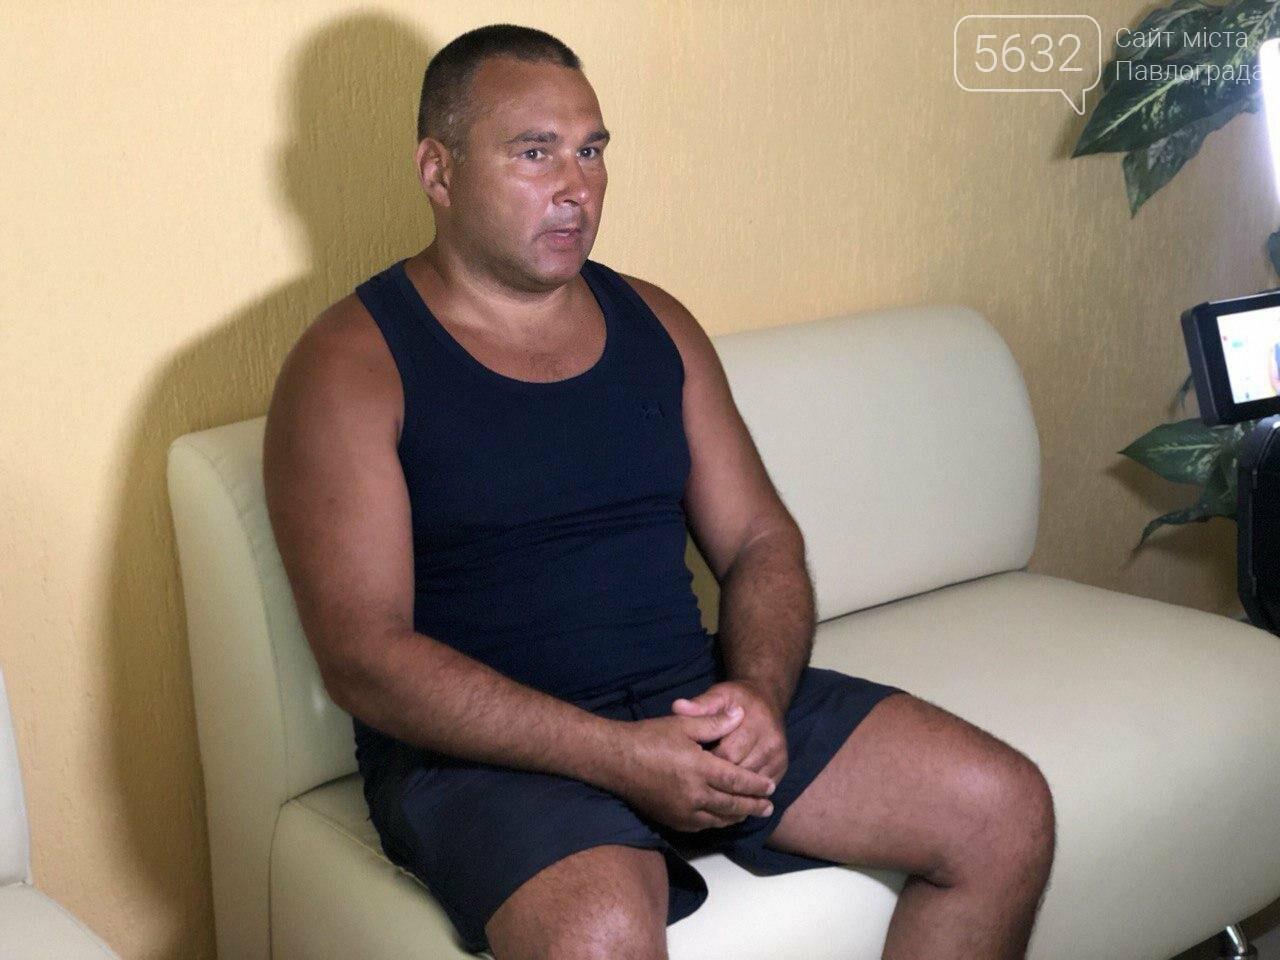 Павлоградец, отдыхая в Бердянске, помог спасти тонущих детей (ВИДЕО), фото-2